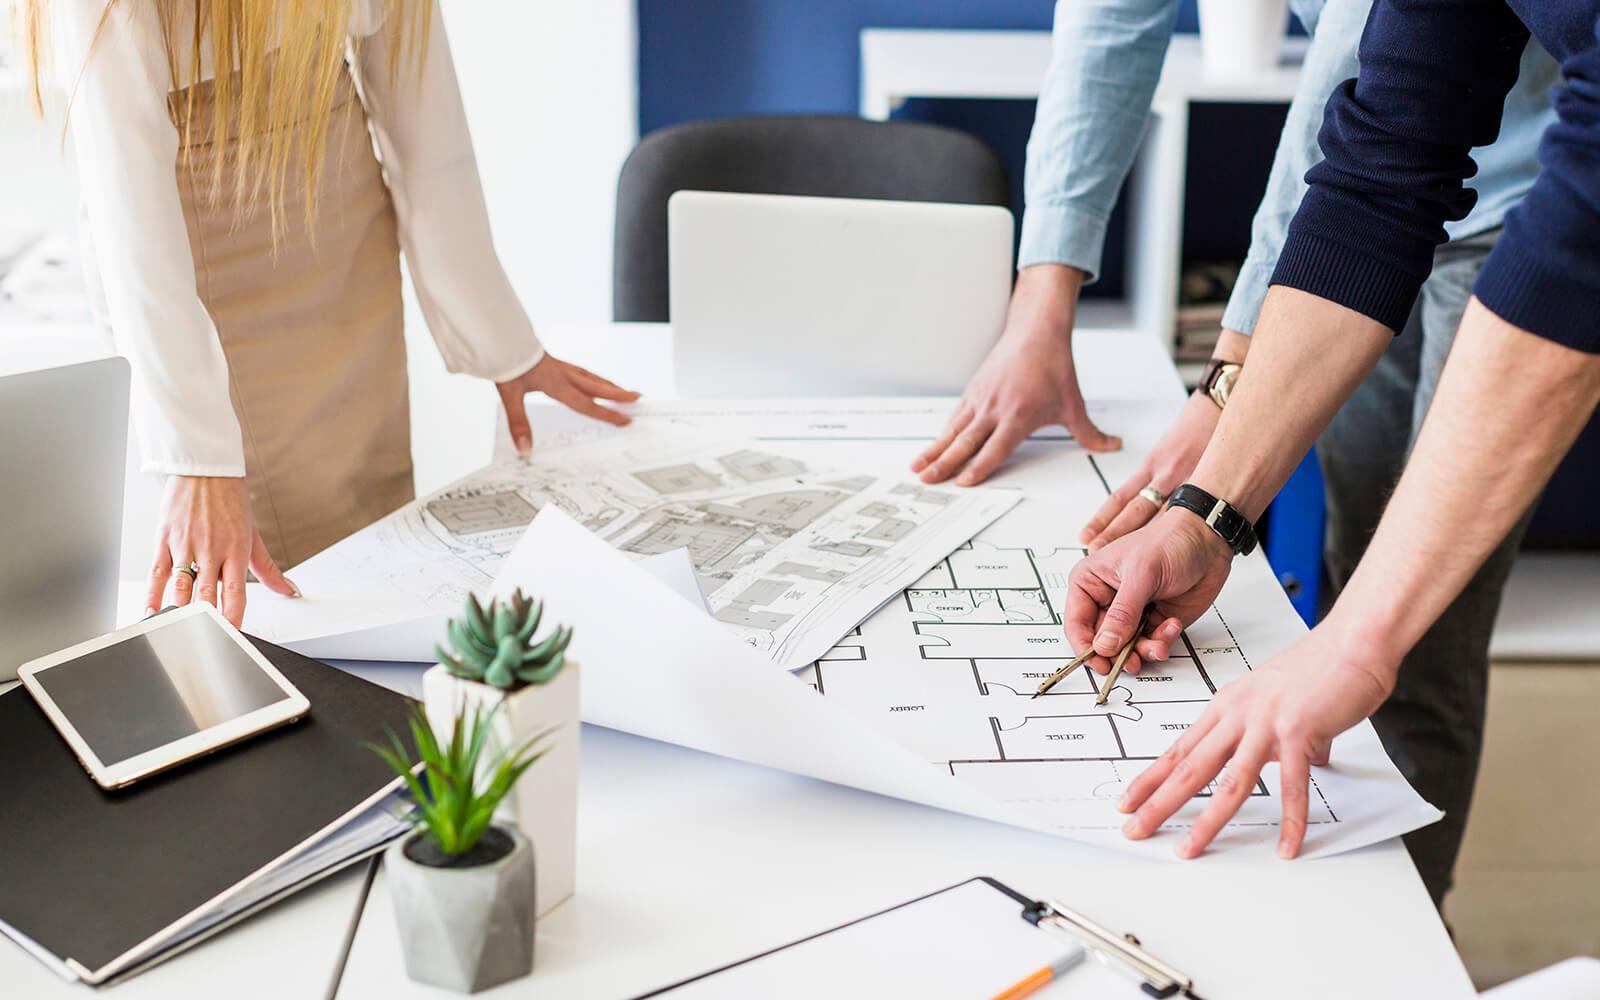 uprajnenie-avtorski-kontrol-i-predlojenie-za-interioren-dizain